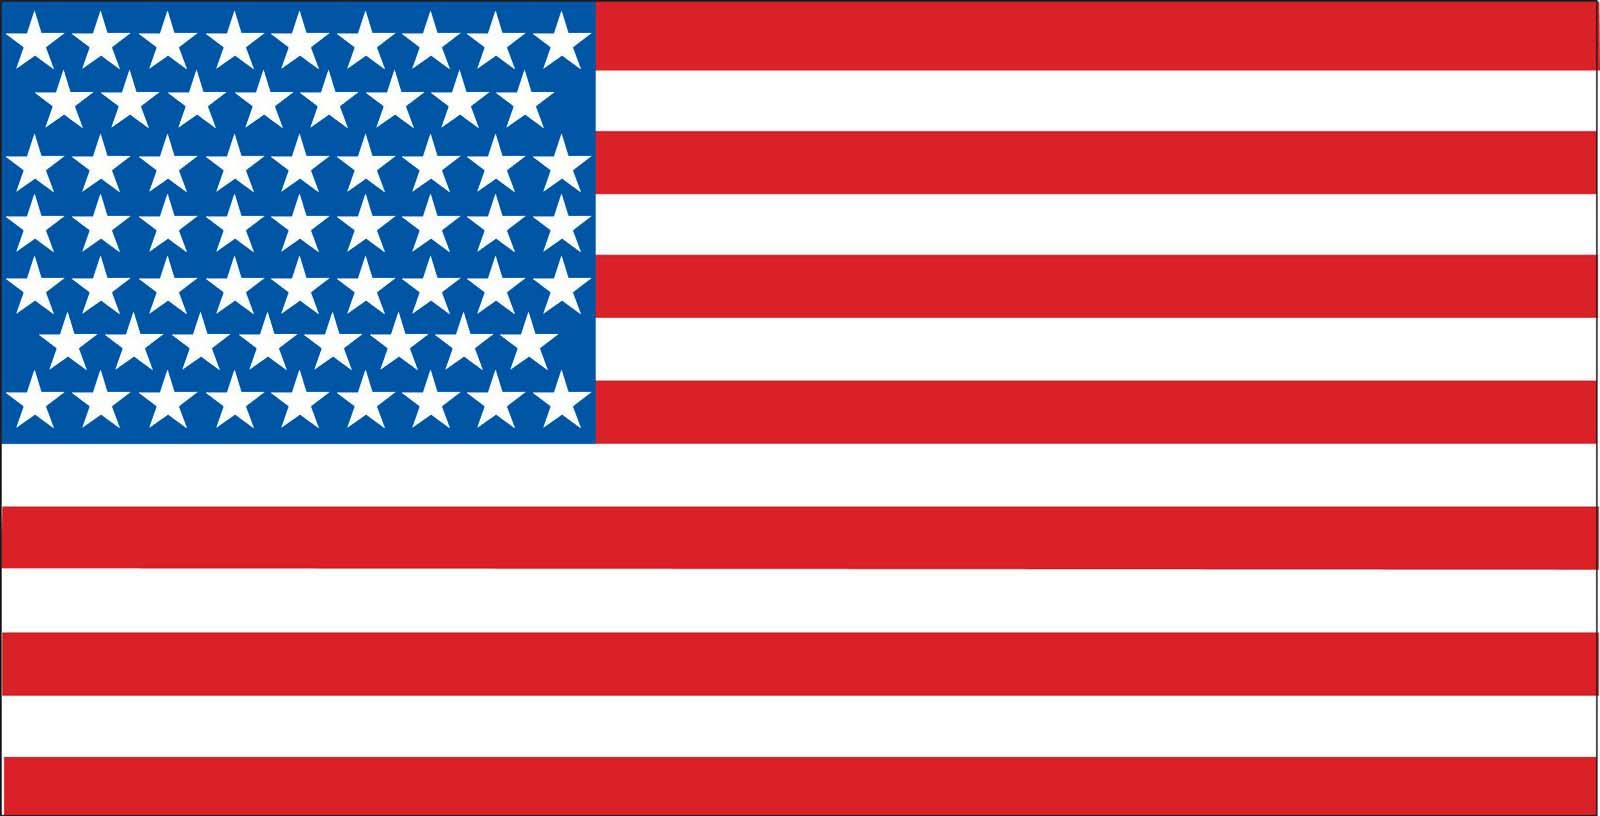 flag desktop background - photo #28